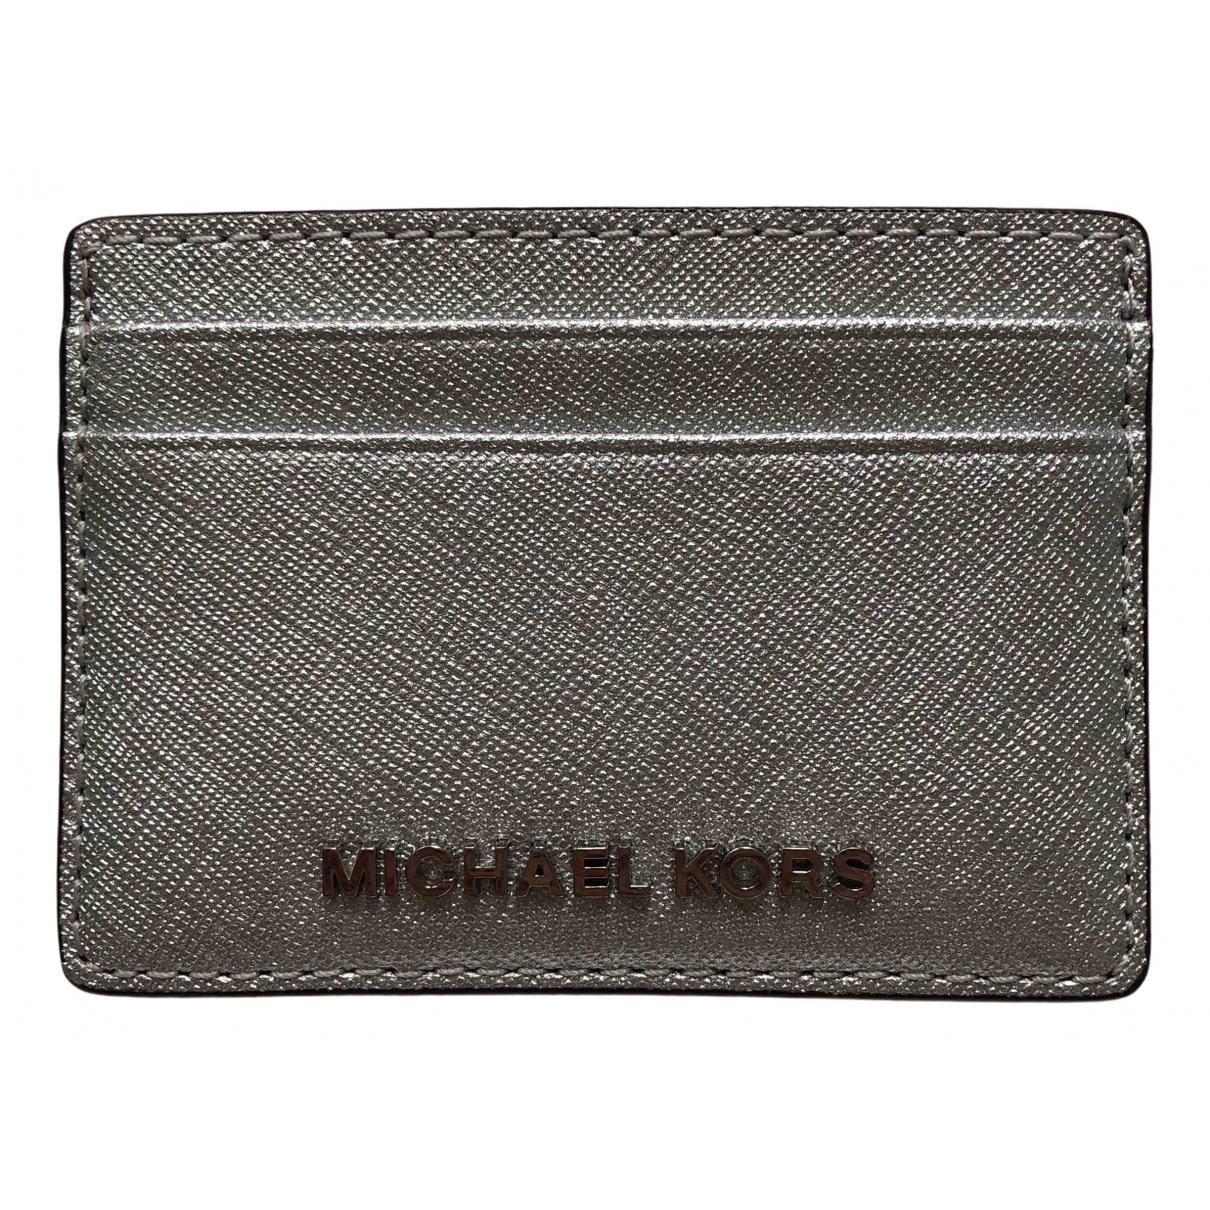 Michael Kors - Portefeuille   pour femme en cuir - argente